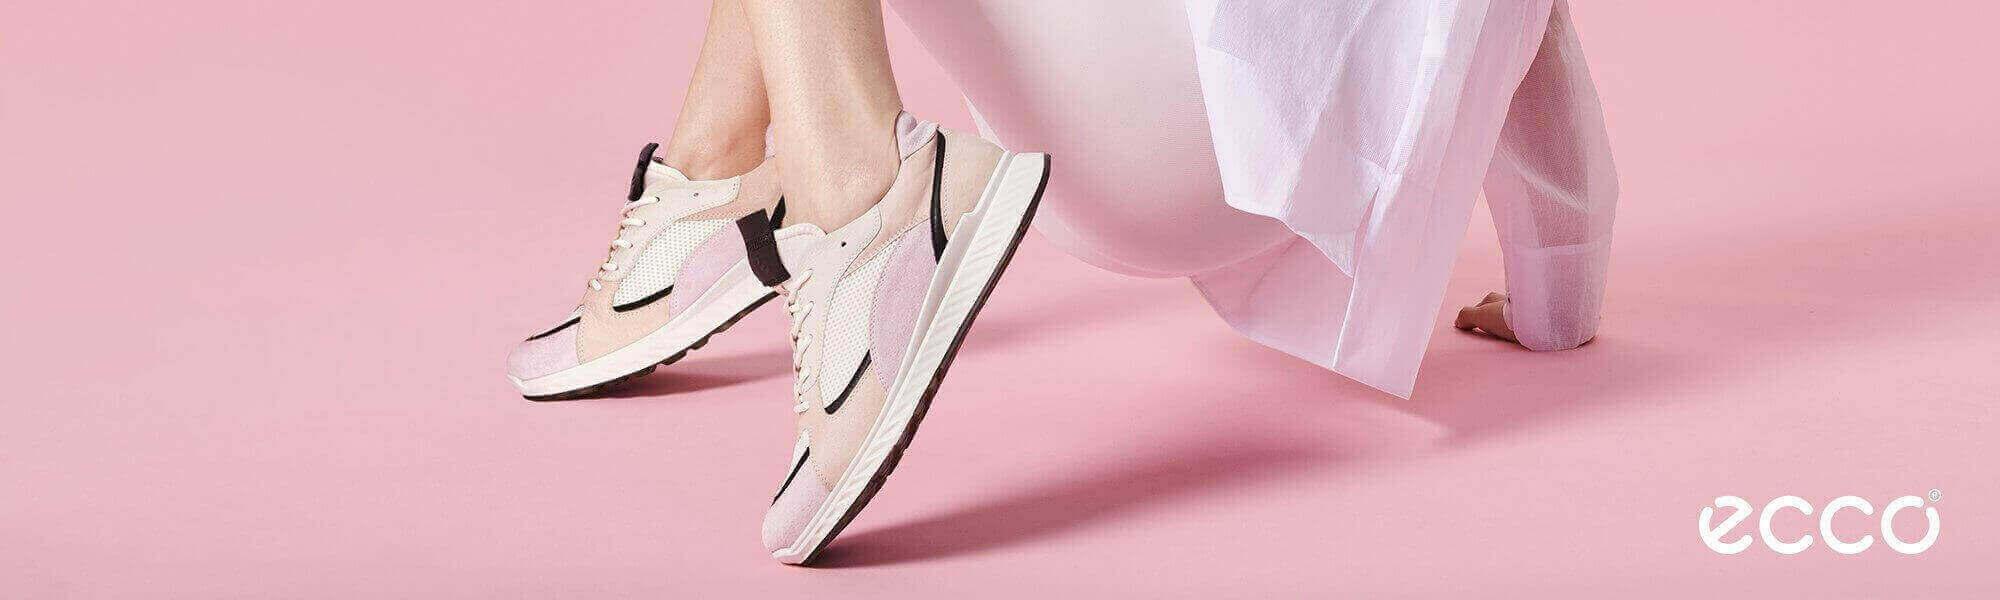 Ecco schoenen | Ecco shop.nl is geautoriseerd Ecco reseller